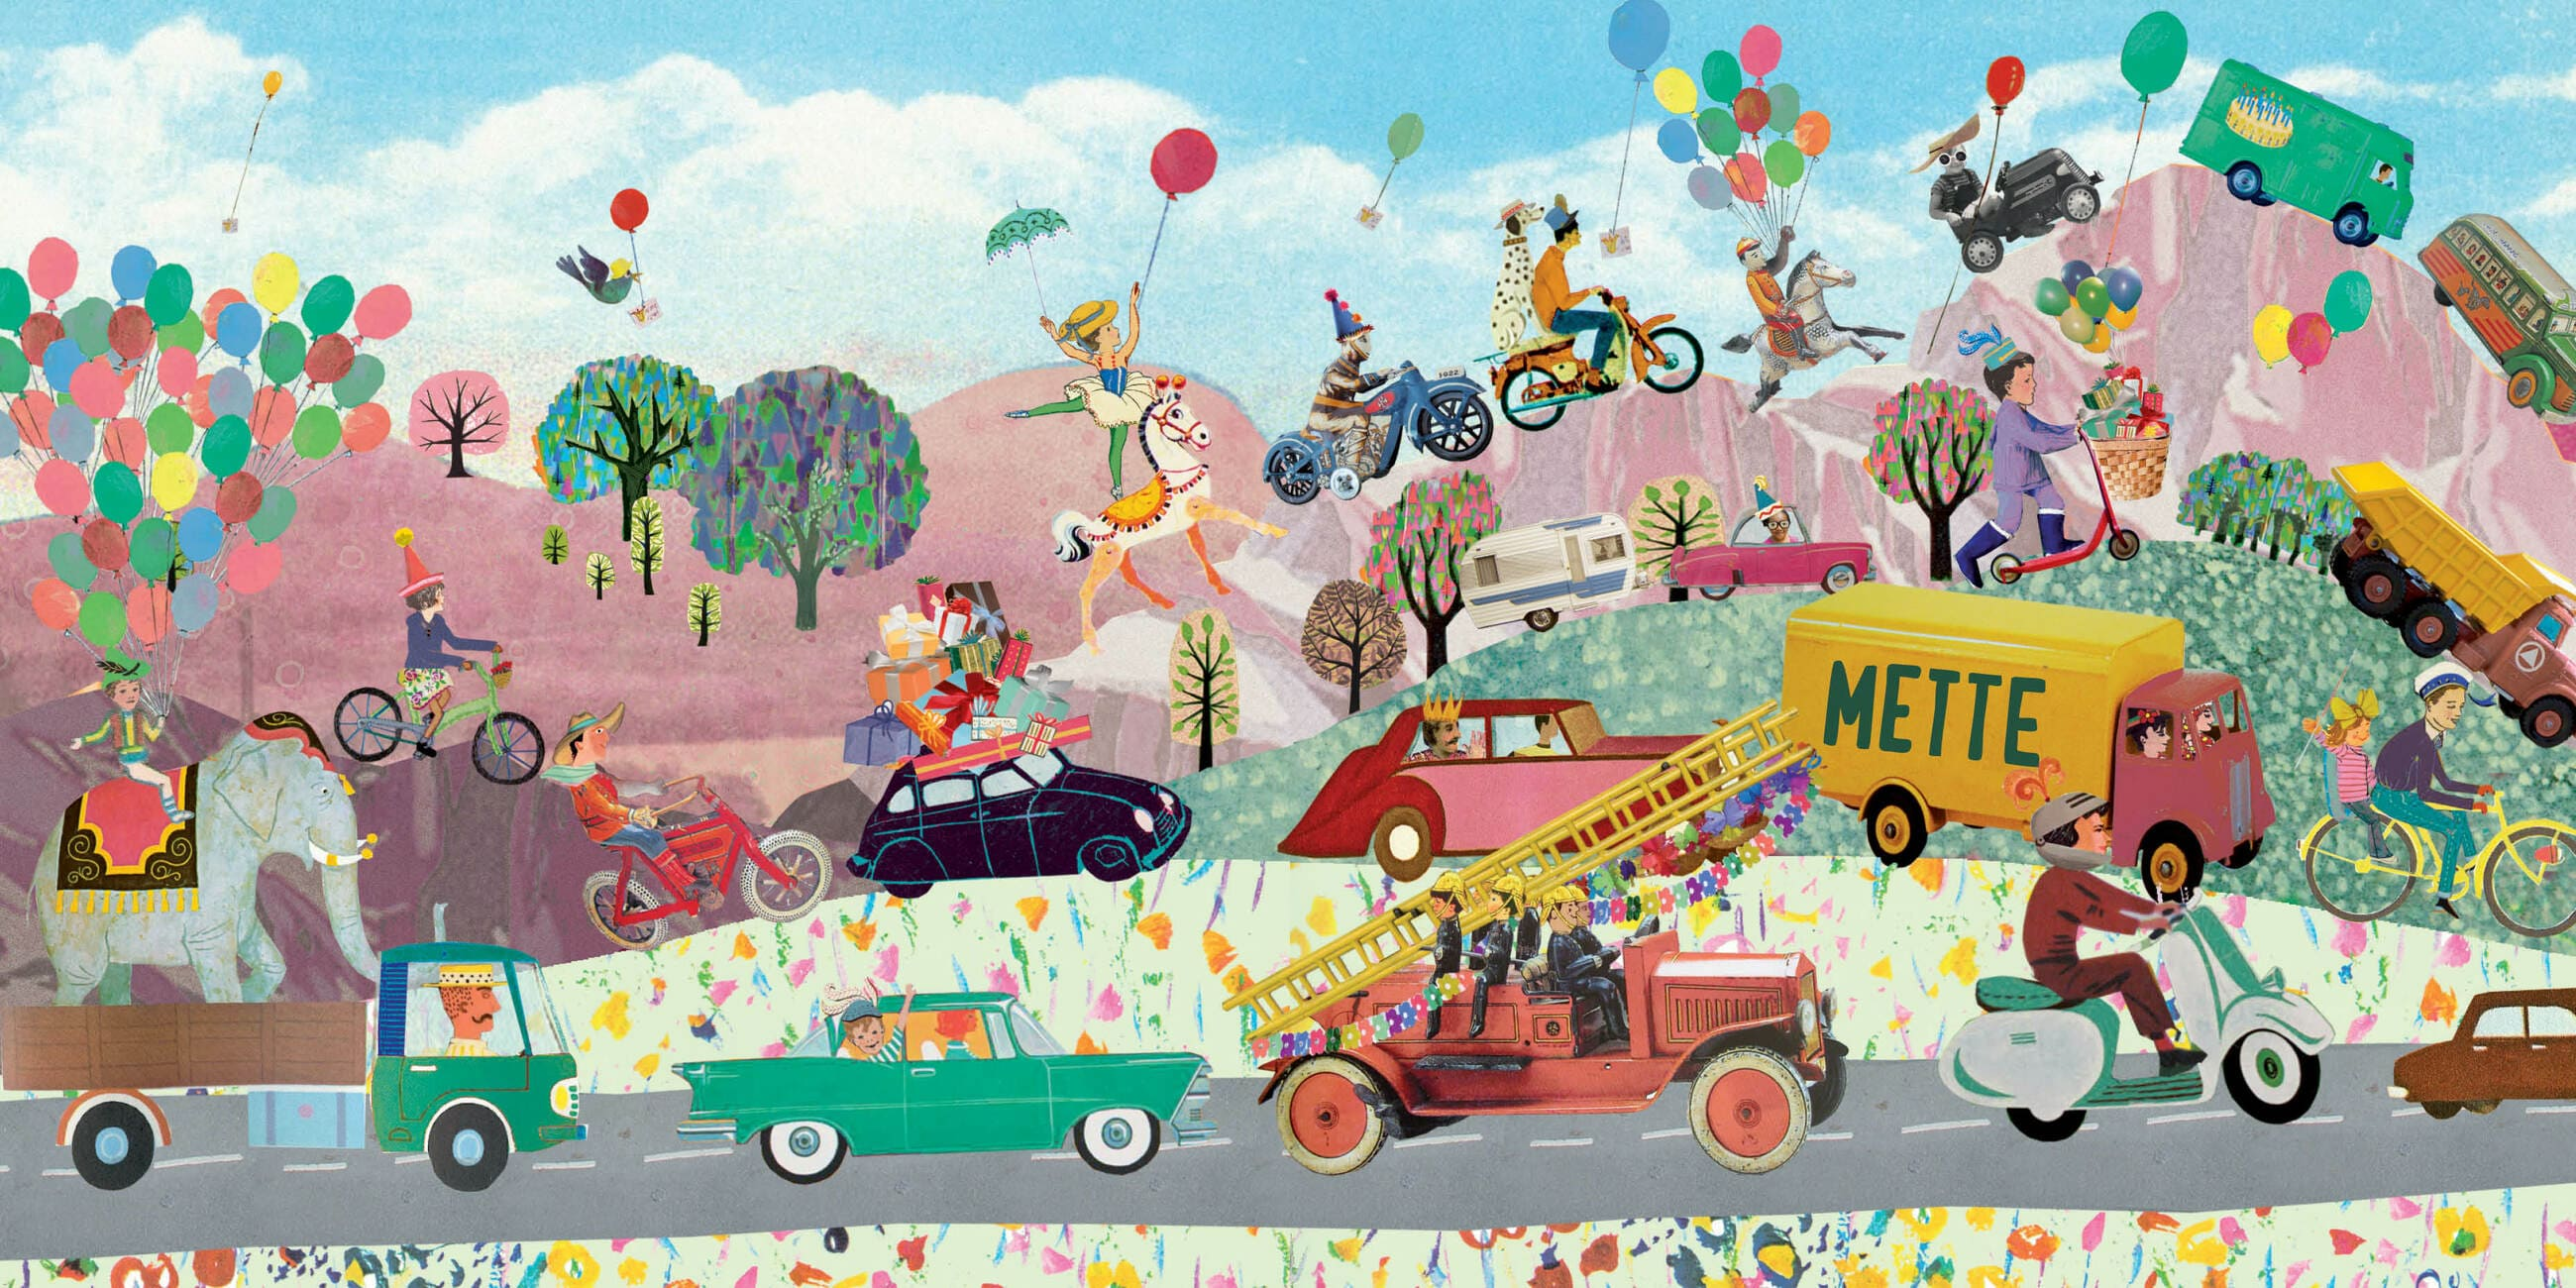 geboorte broer zus auto brandweer feest ballonnen landschap herfst geboortekaartje avontuur reis samen vintage nostalgie illustratie gezellig stoer lief Origineel uniek feest vintage retro poesie nostalgie gezellig vrolijk kleurrijk stoer schattig nostalgisch kraamcadeau verjaardagscadeau art kunst illustratie illustration gouden boekje kijkplaat zoekprent zoekplaat zoekboek kinderboek festival reizen gepersonaliseerd festival reizen safari flamingo grootzus groot zus fantasie aantrekkelijk poesie panda lente